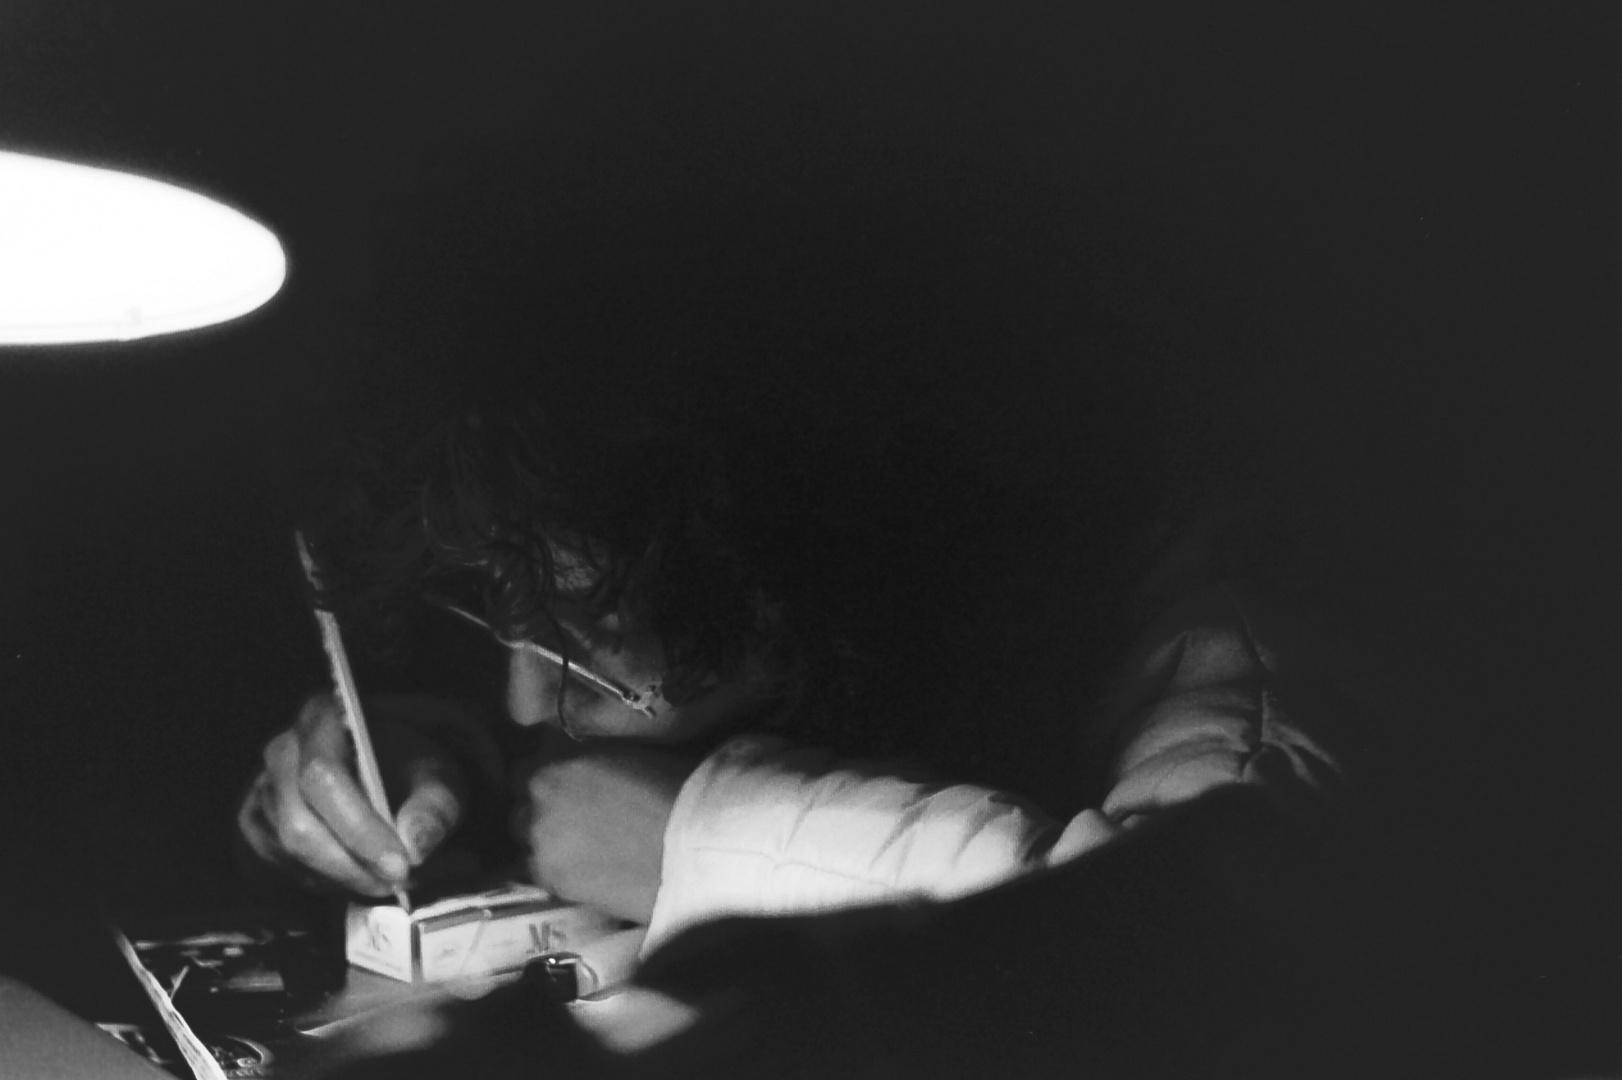 ... momenti ... istanti .... riflessione con matita .......